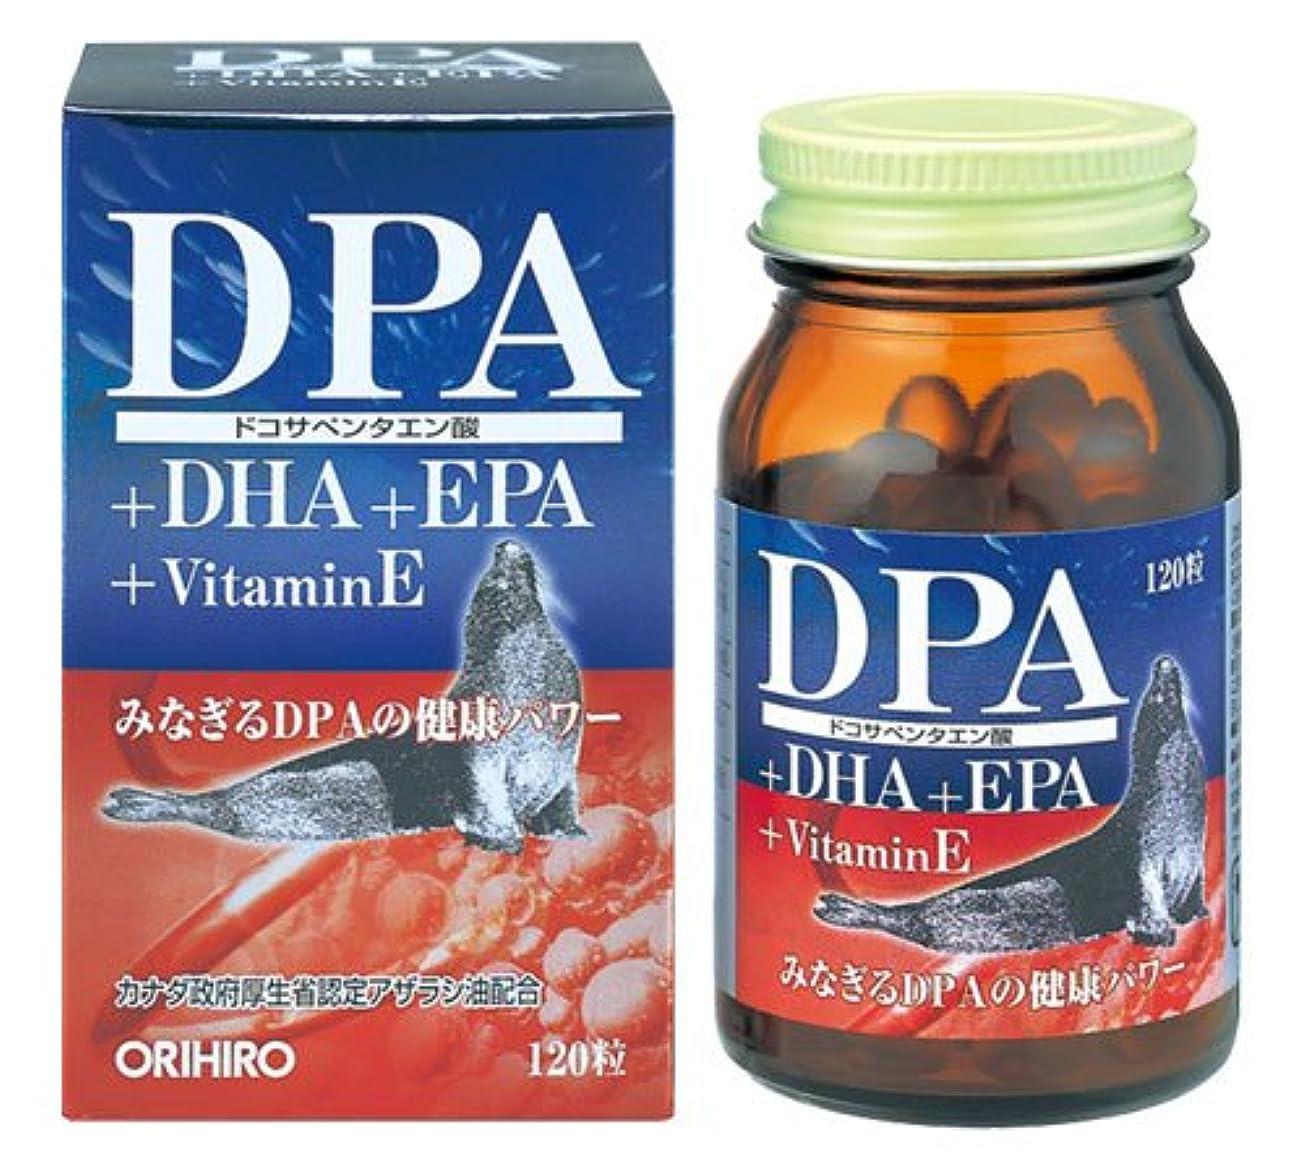 いわゆる売り手ファシズムDPA+DHA+EPAカプセル 120粒(約1ヶ月分)